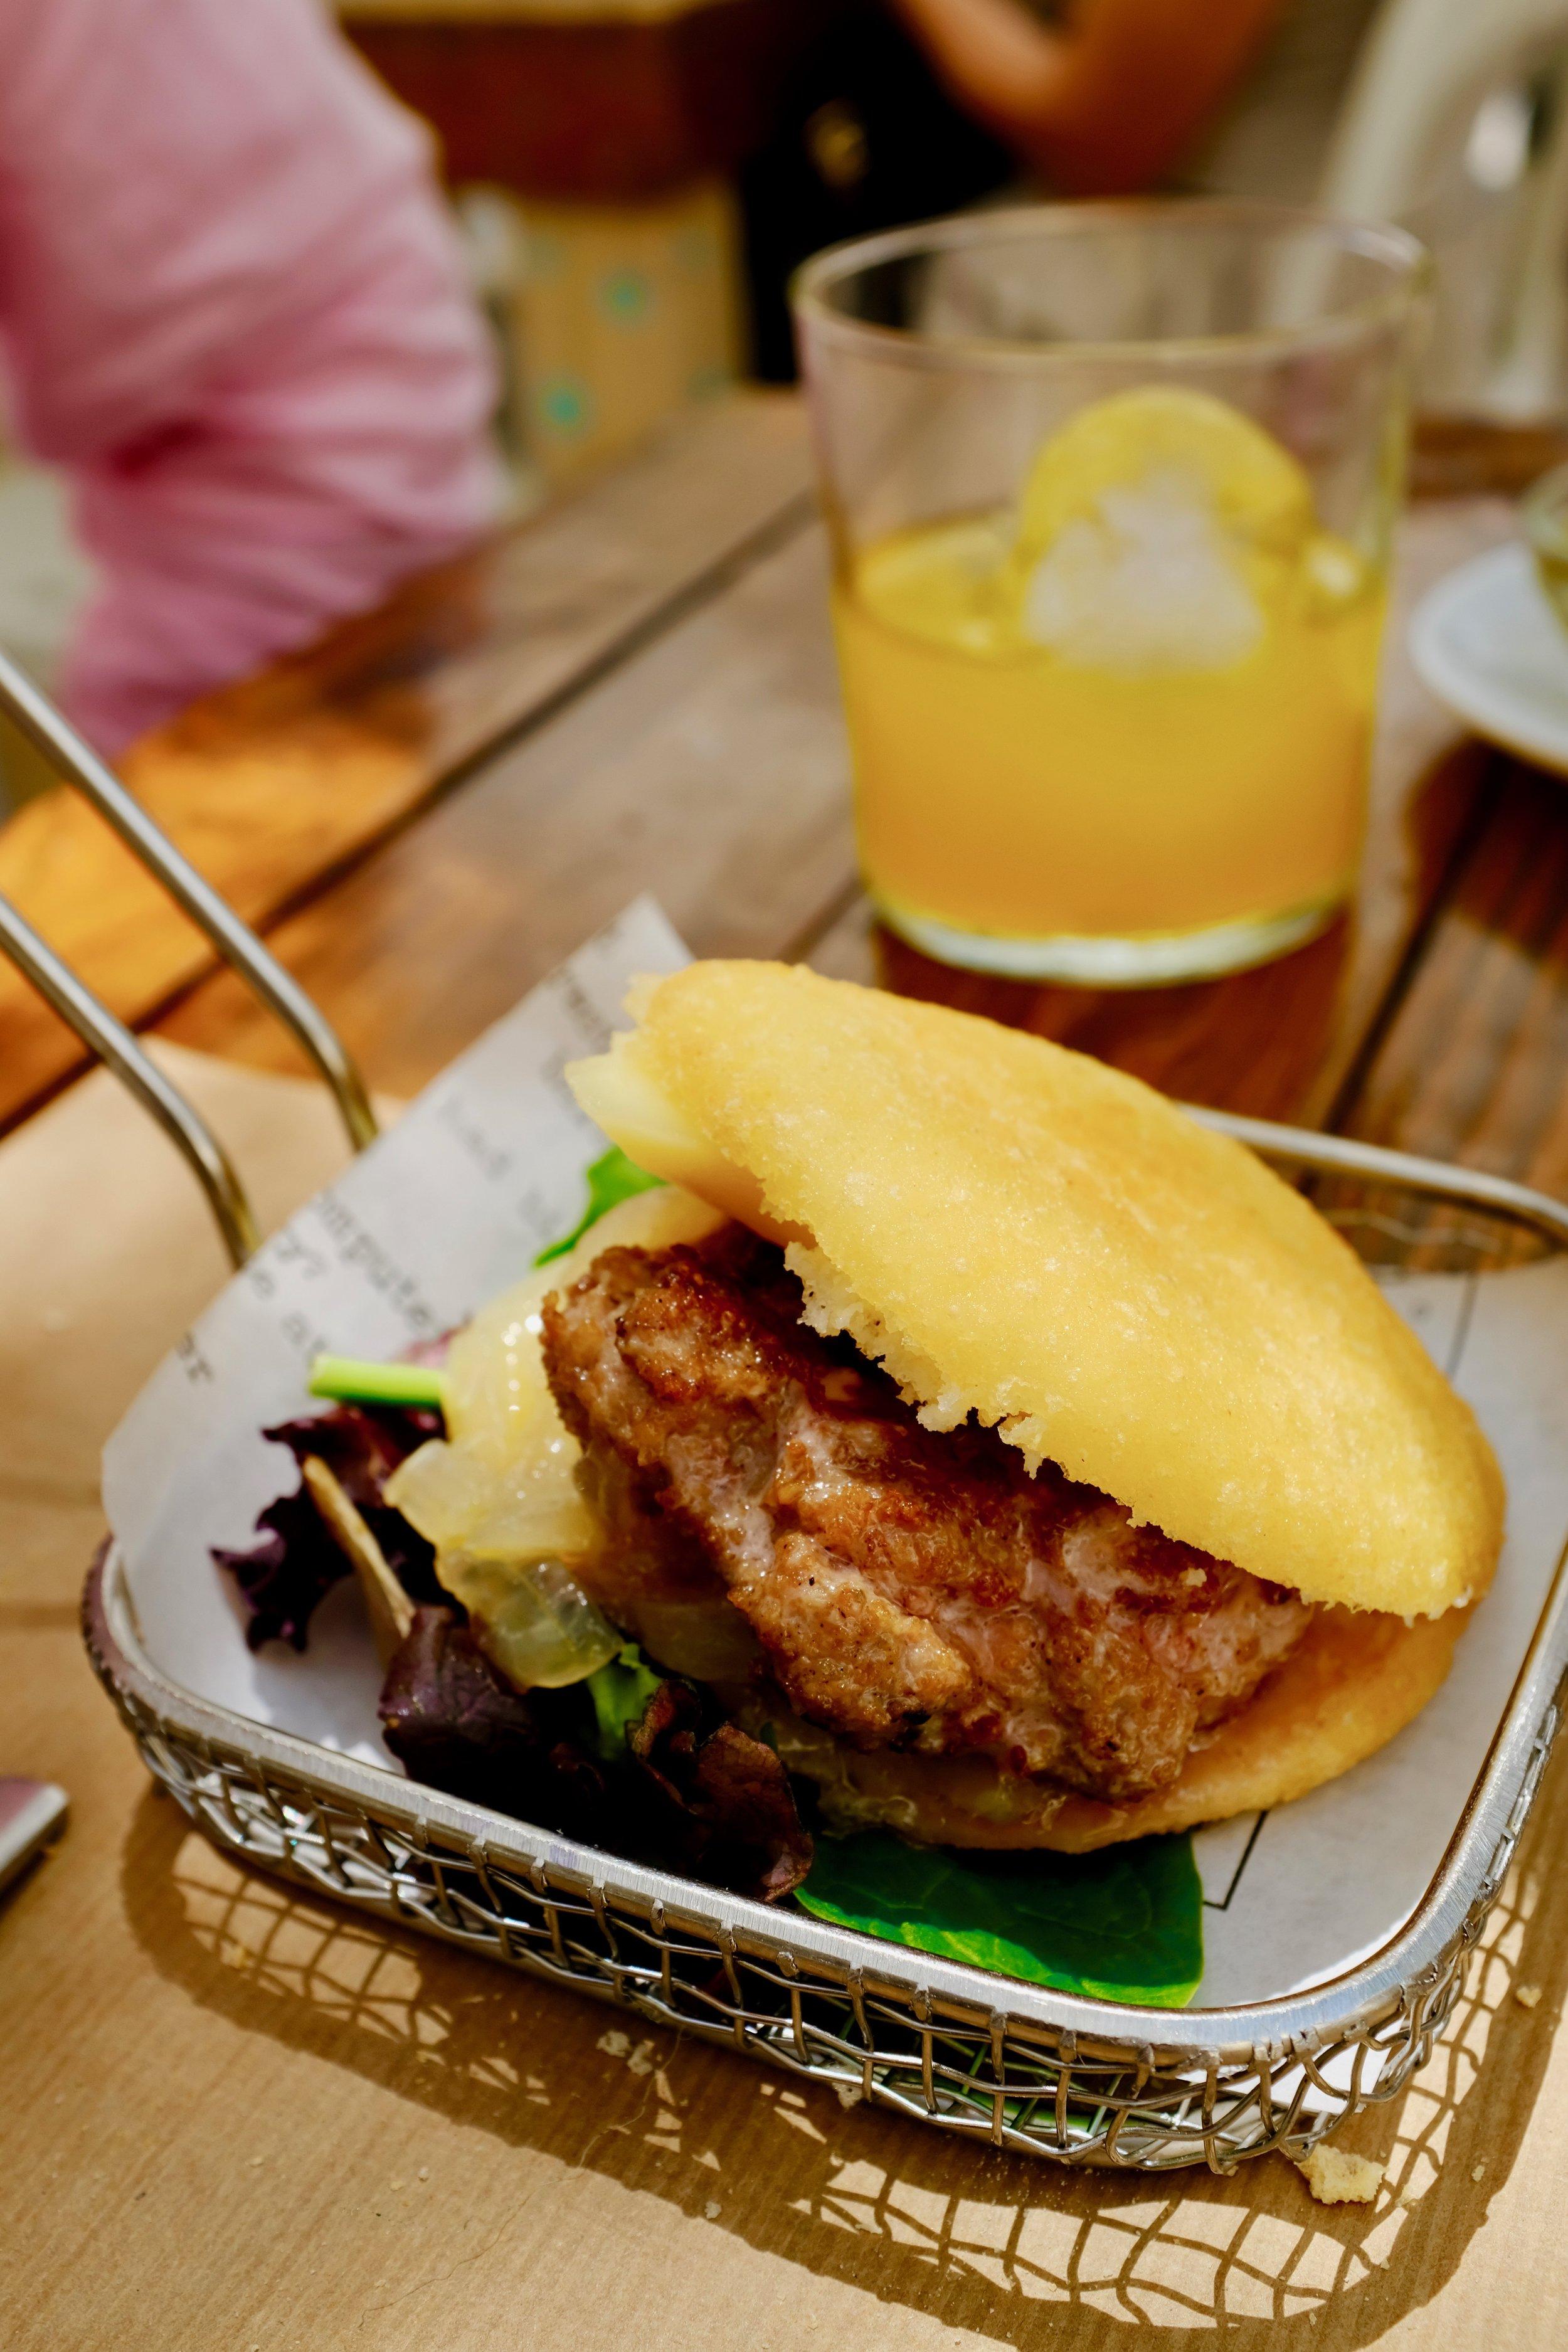 Delicious burger tapa at La Chala.